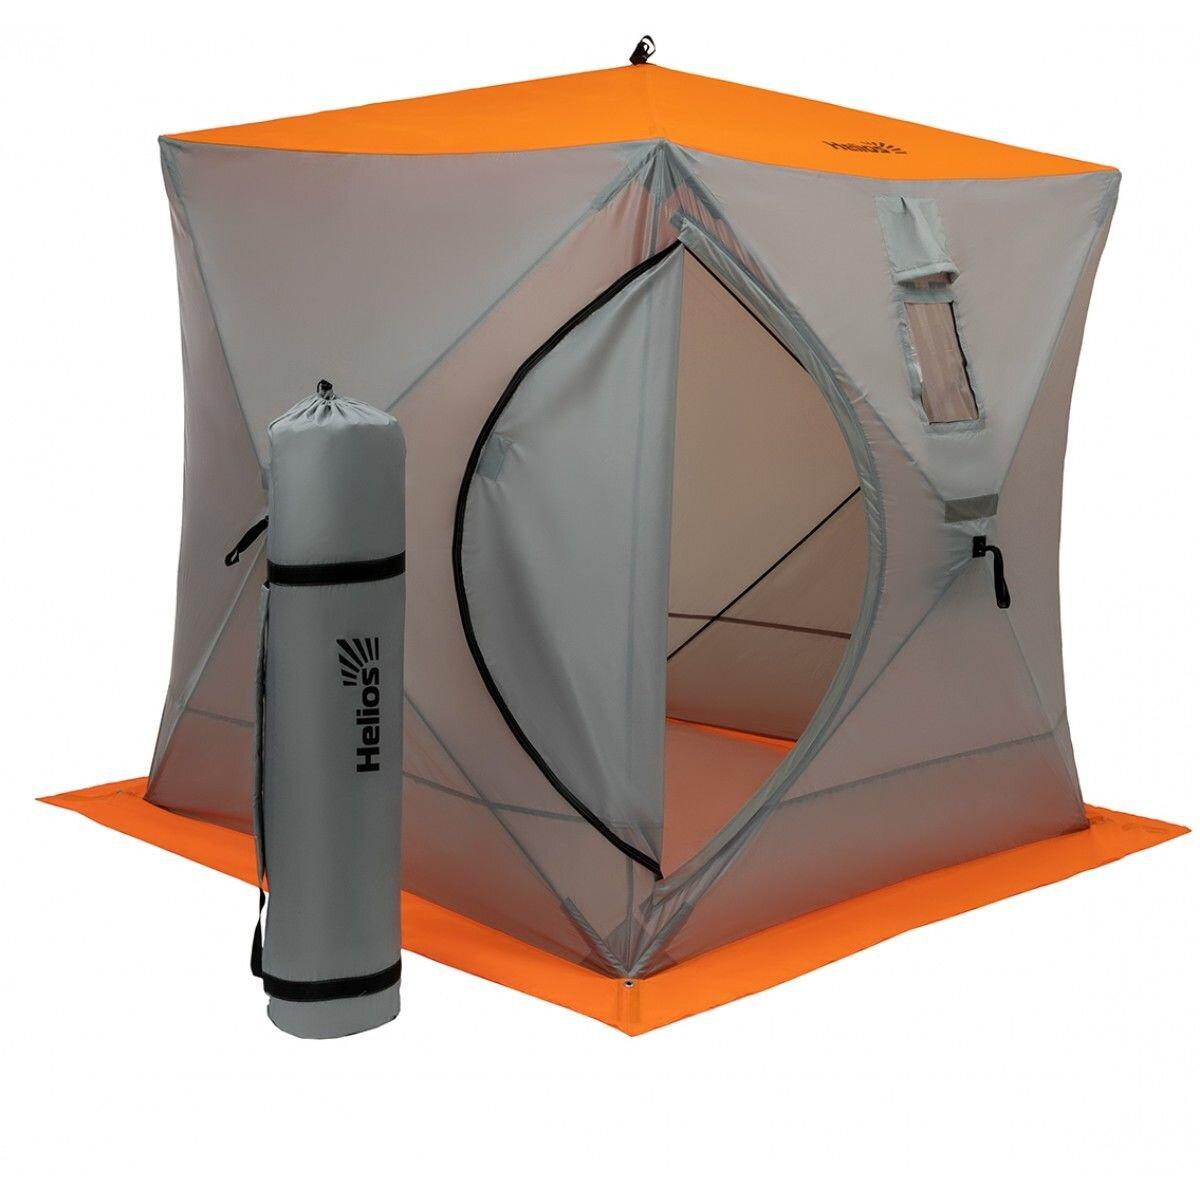 Палатка куб 1,8х1,8 (4серый/1оранжевый)